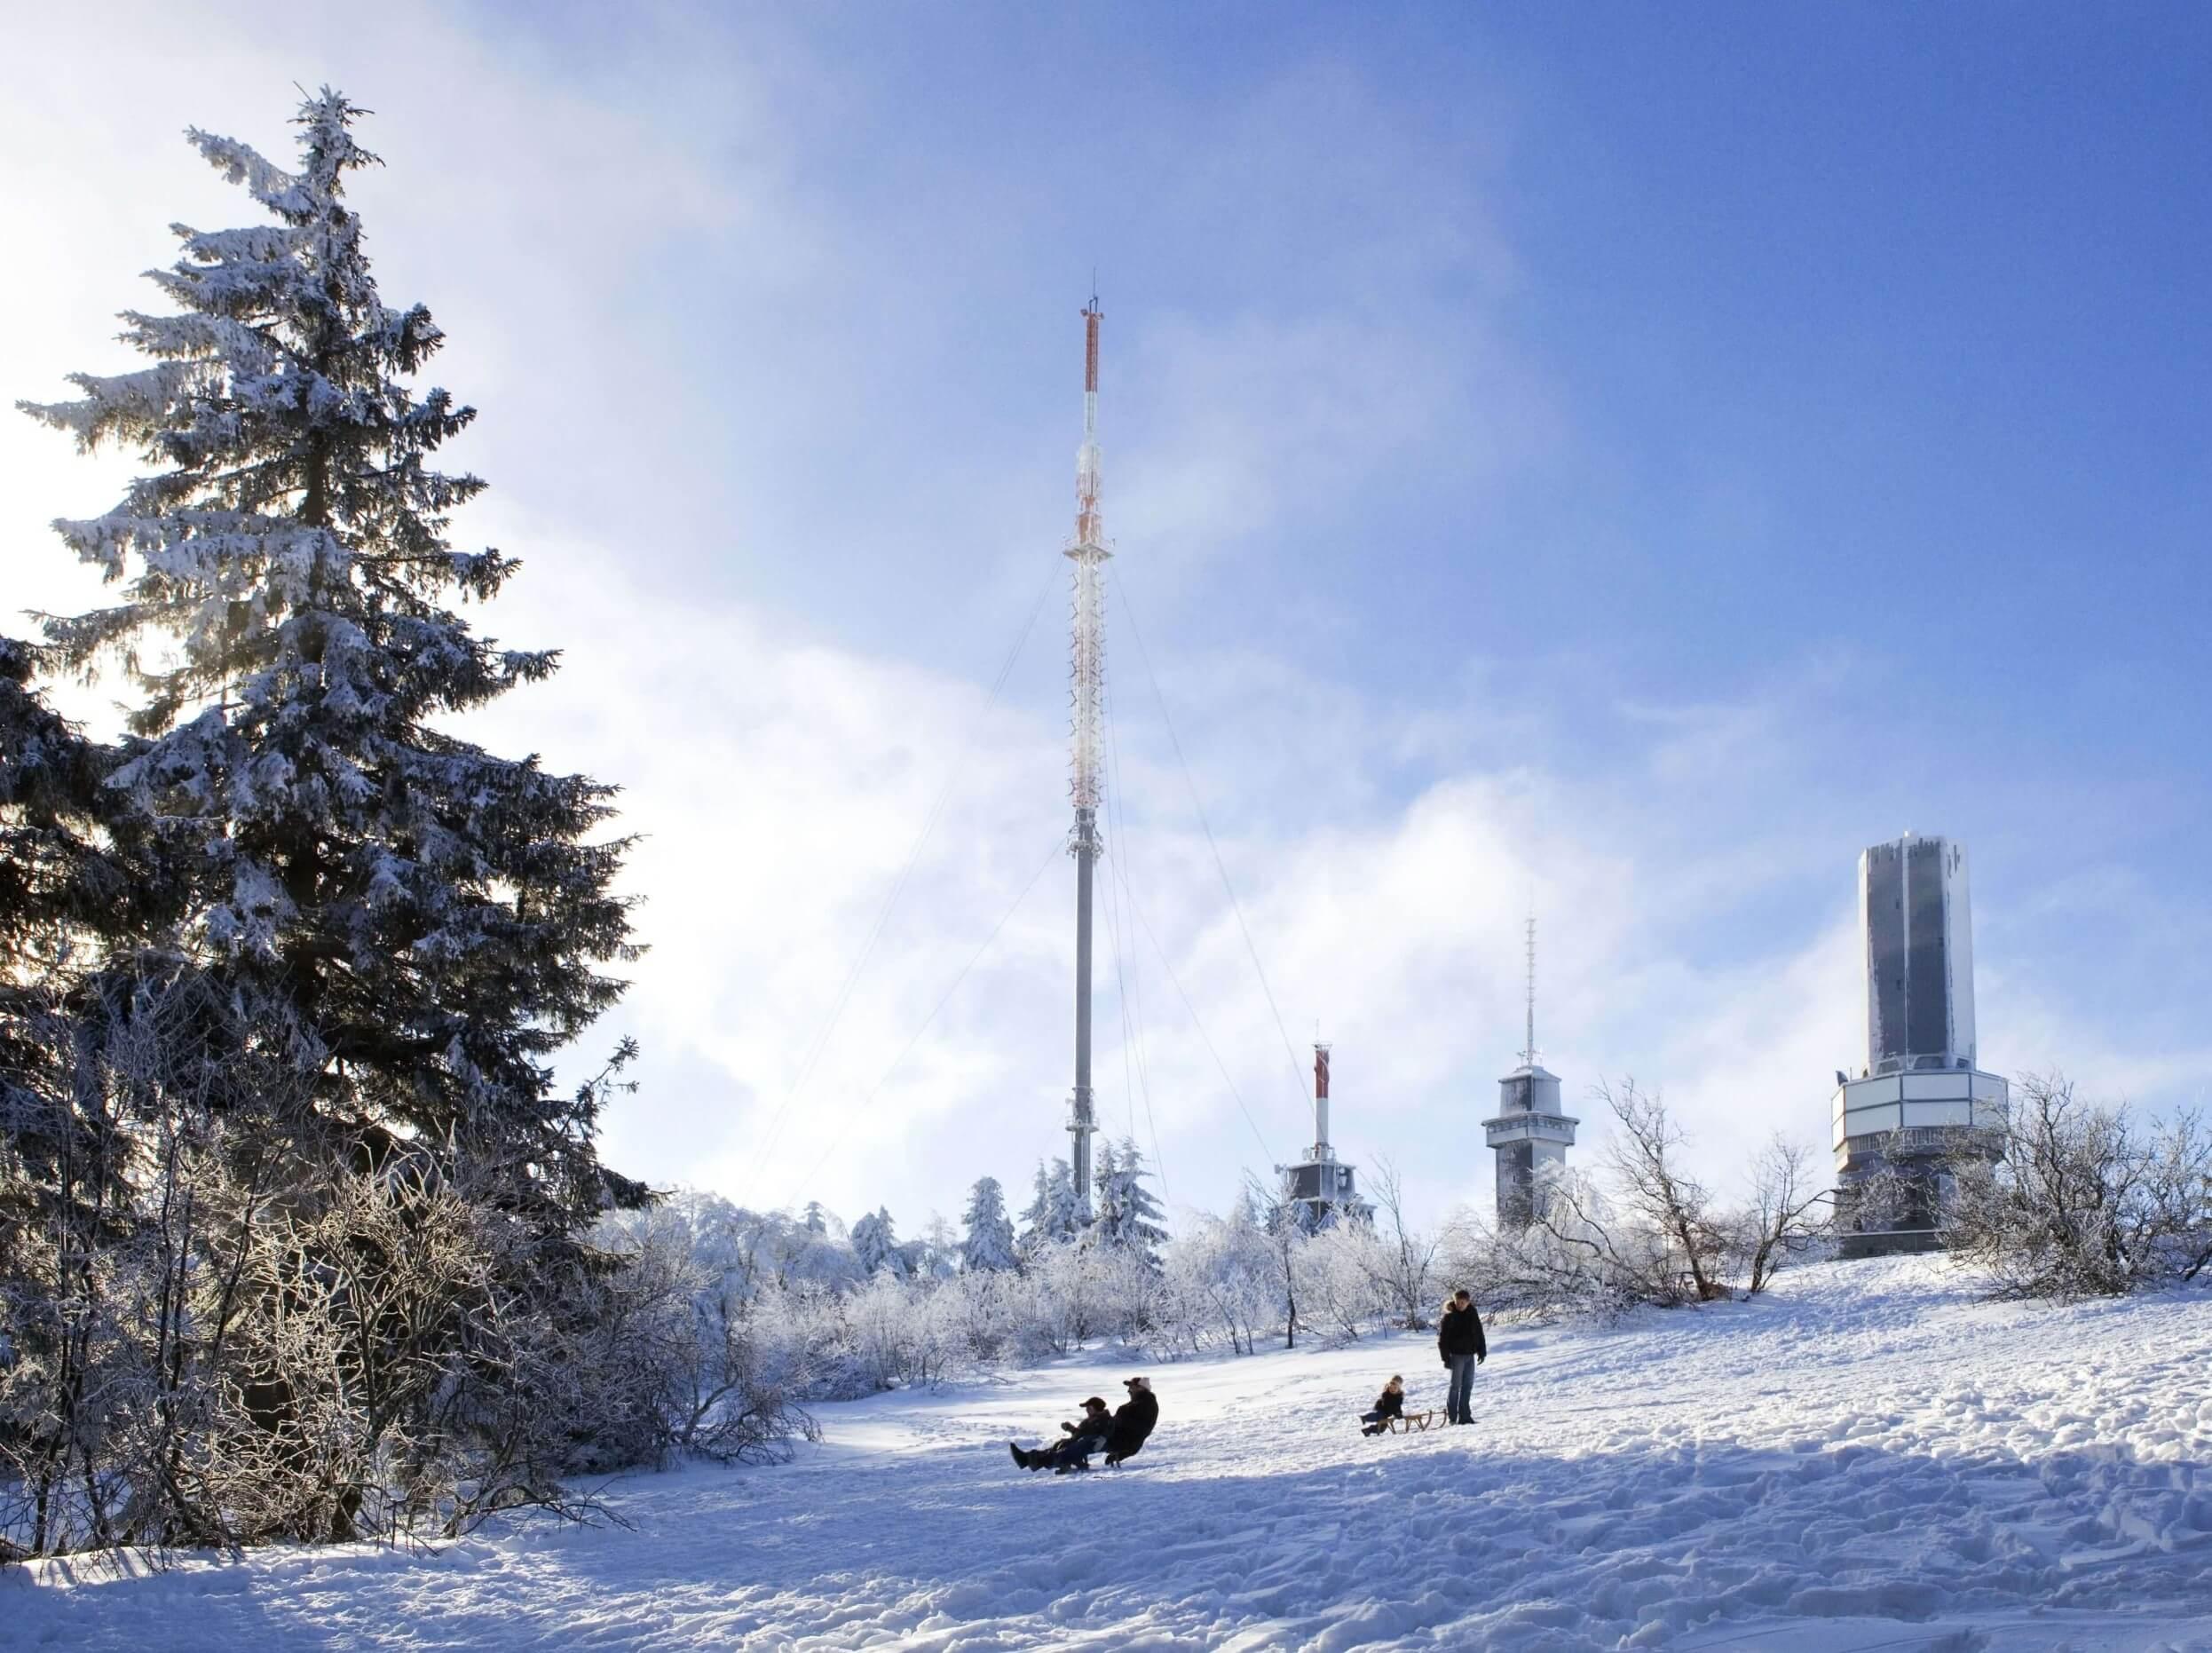 Schlittenfahrt bei der Winterwanderung am großen Feldberg im Taunus